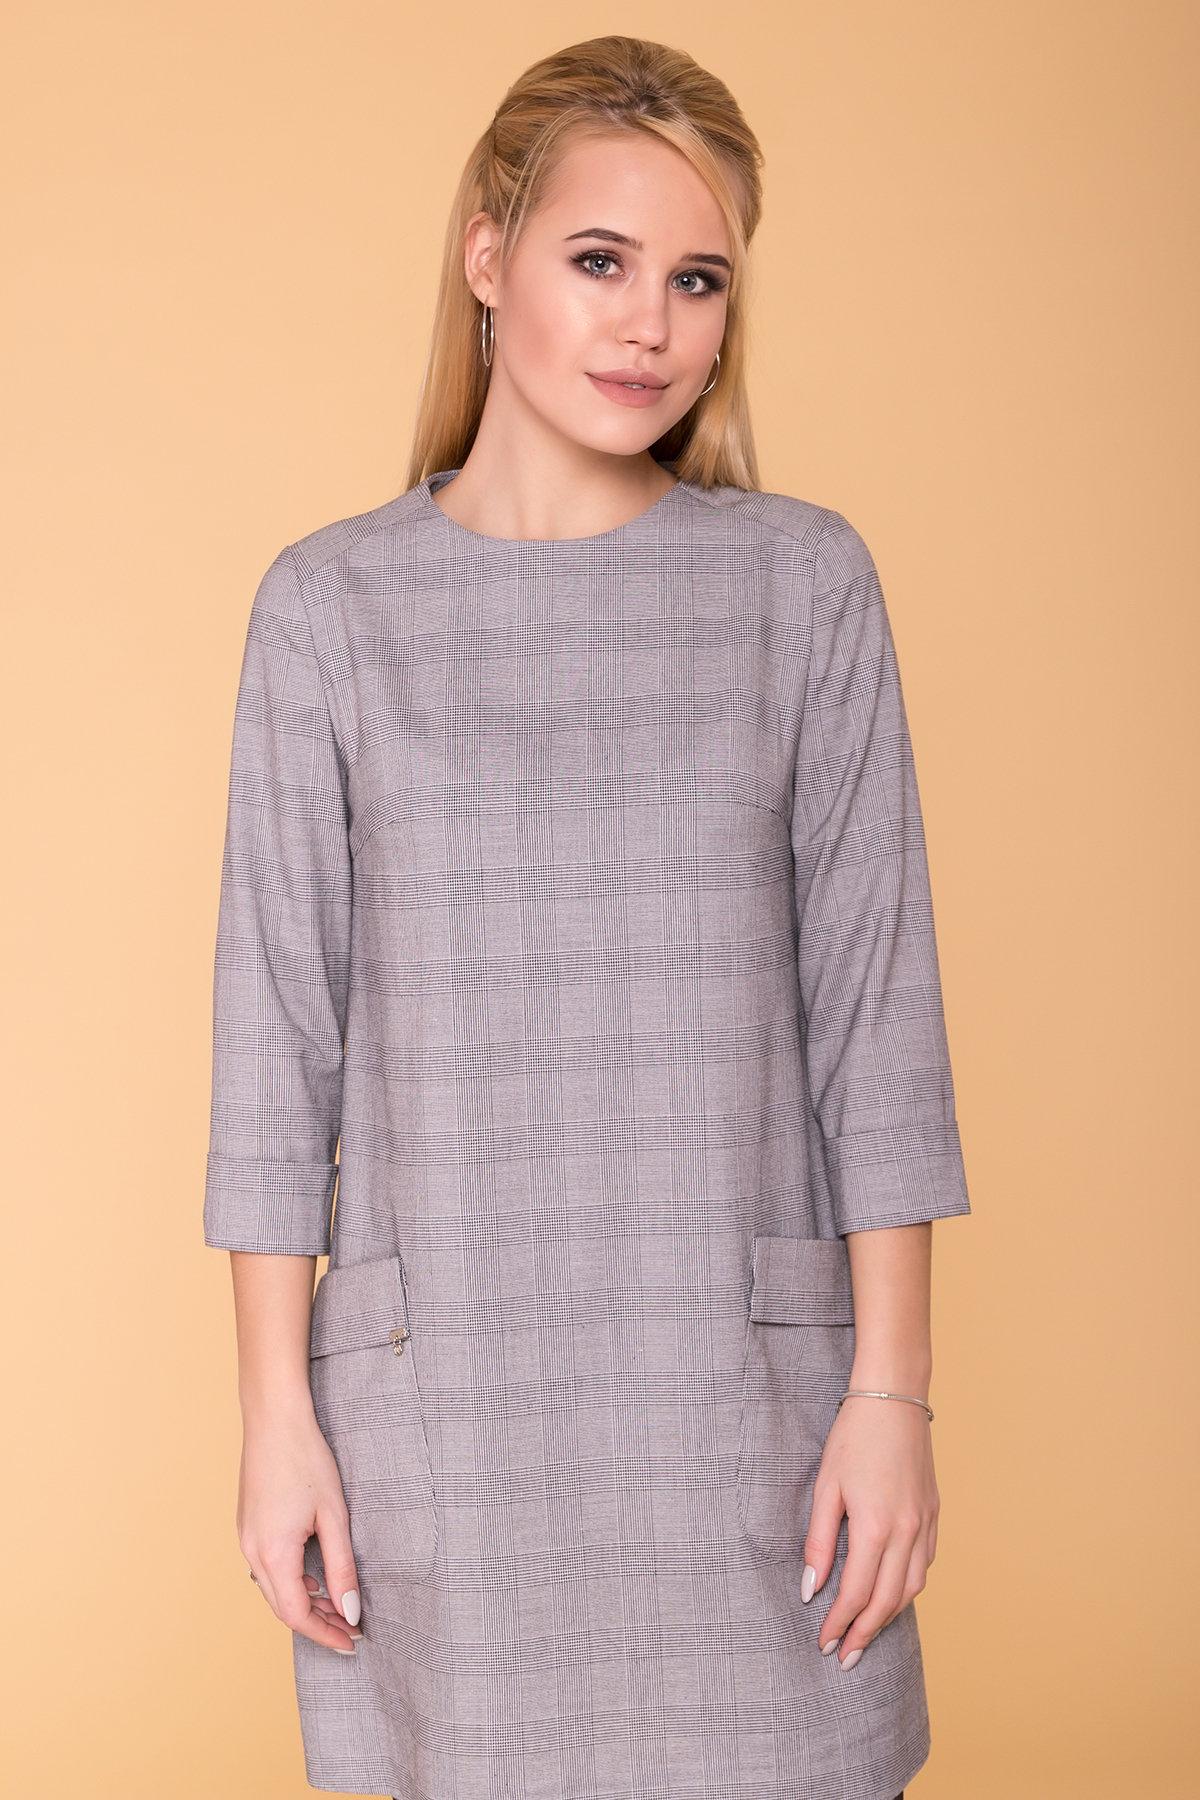 Платье Соул 6305 АРТ. 41067 Цвет: Серый Светлый - фото 3, интернет магазин tm-modus.ru